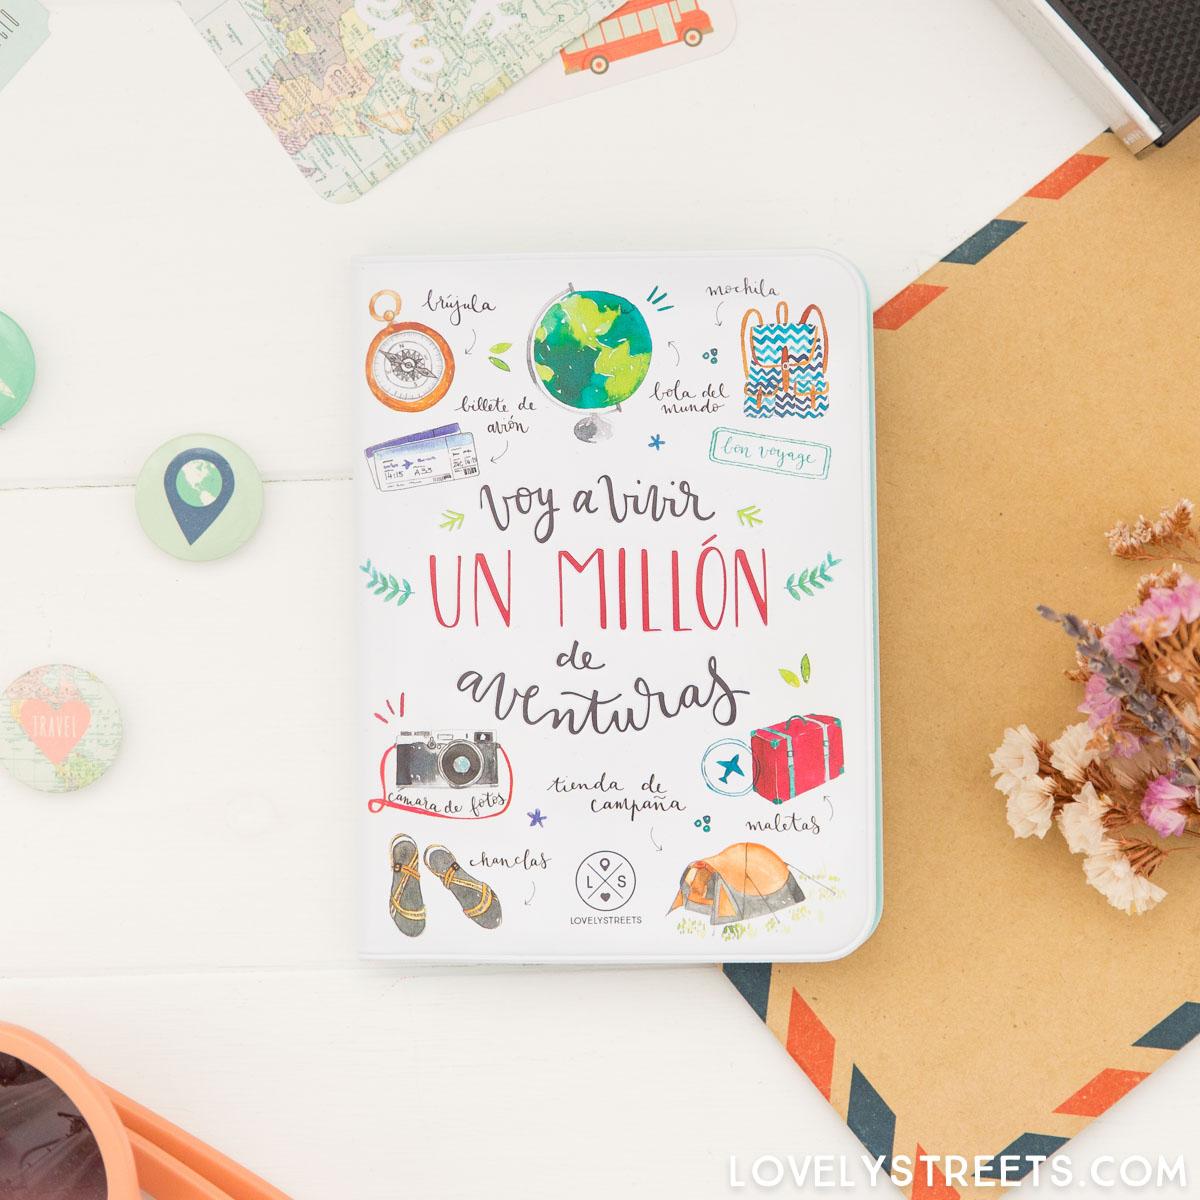 LOVELYSTREETS_8435439301428_funda-pasaporte_voy-a-vivir-un-millon-de-aventuras_CAST-1